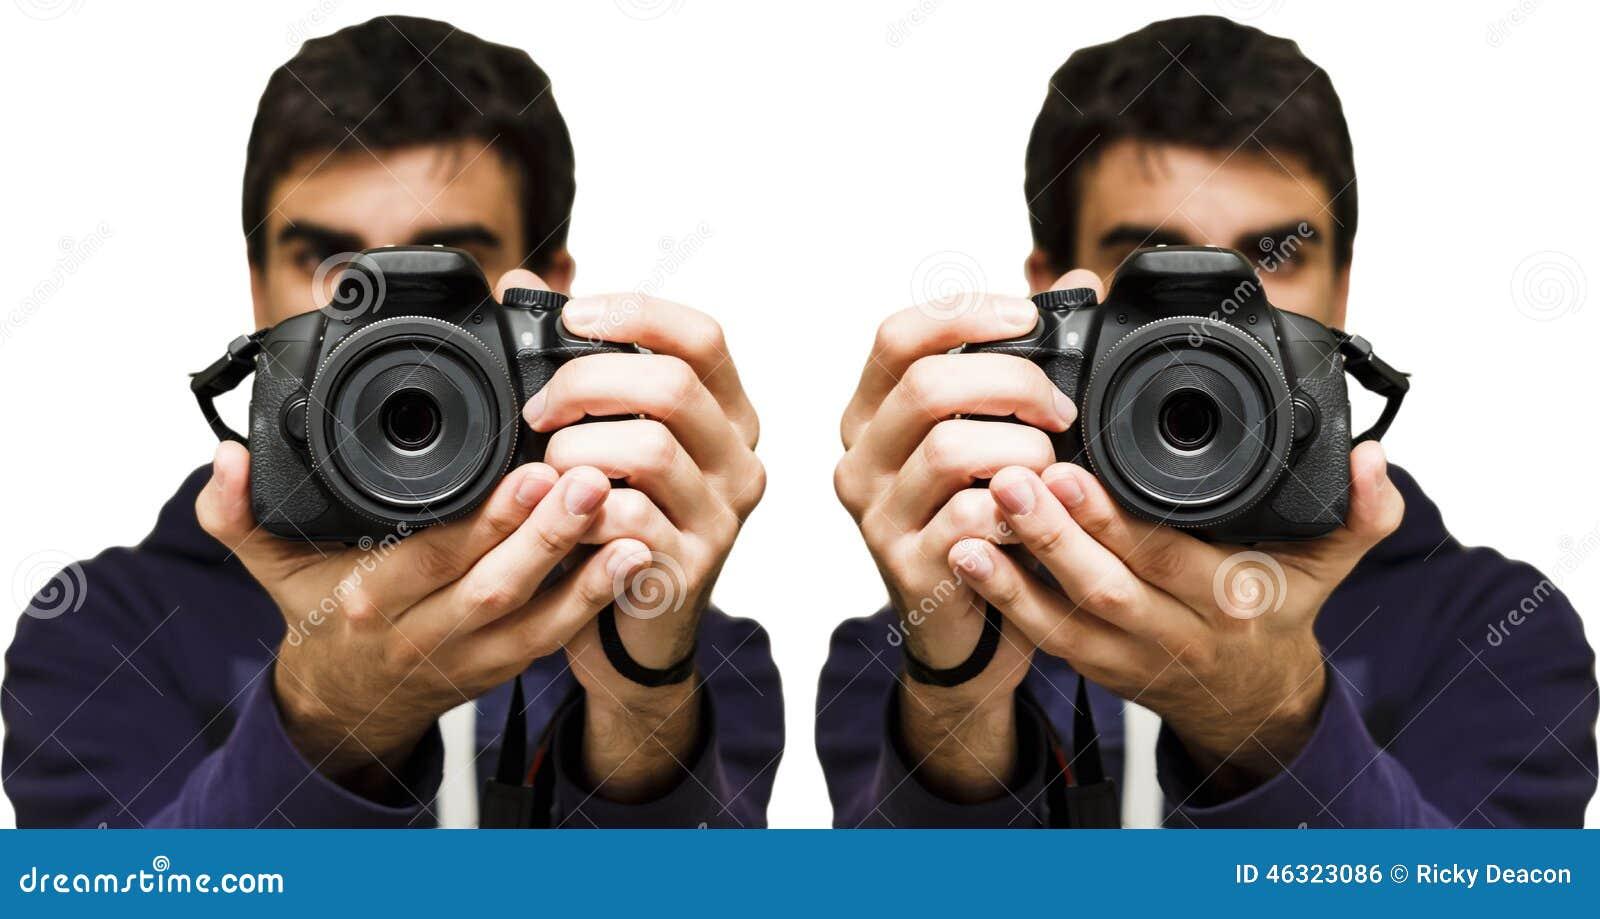 Equipe a tomada de uma imagem com câmera de SLR, fundo branco